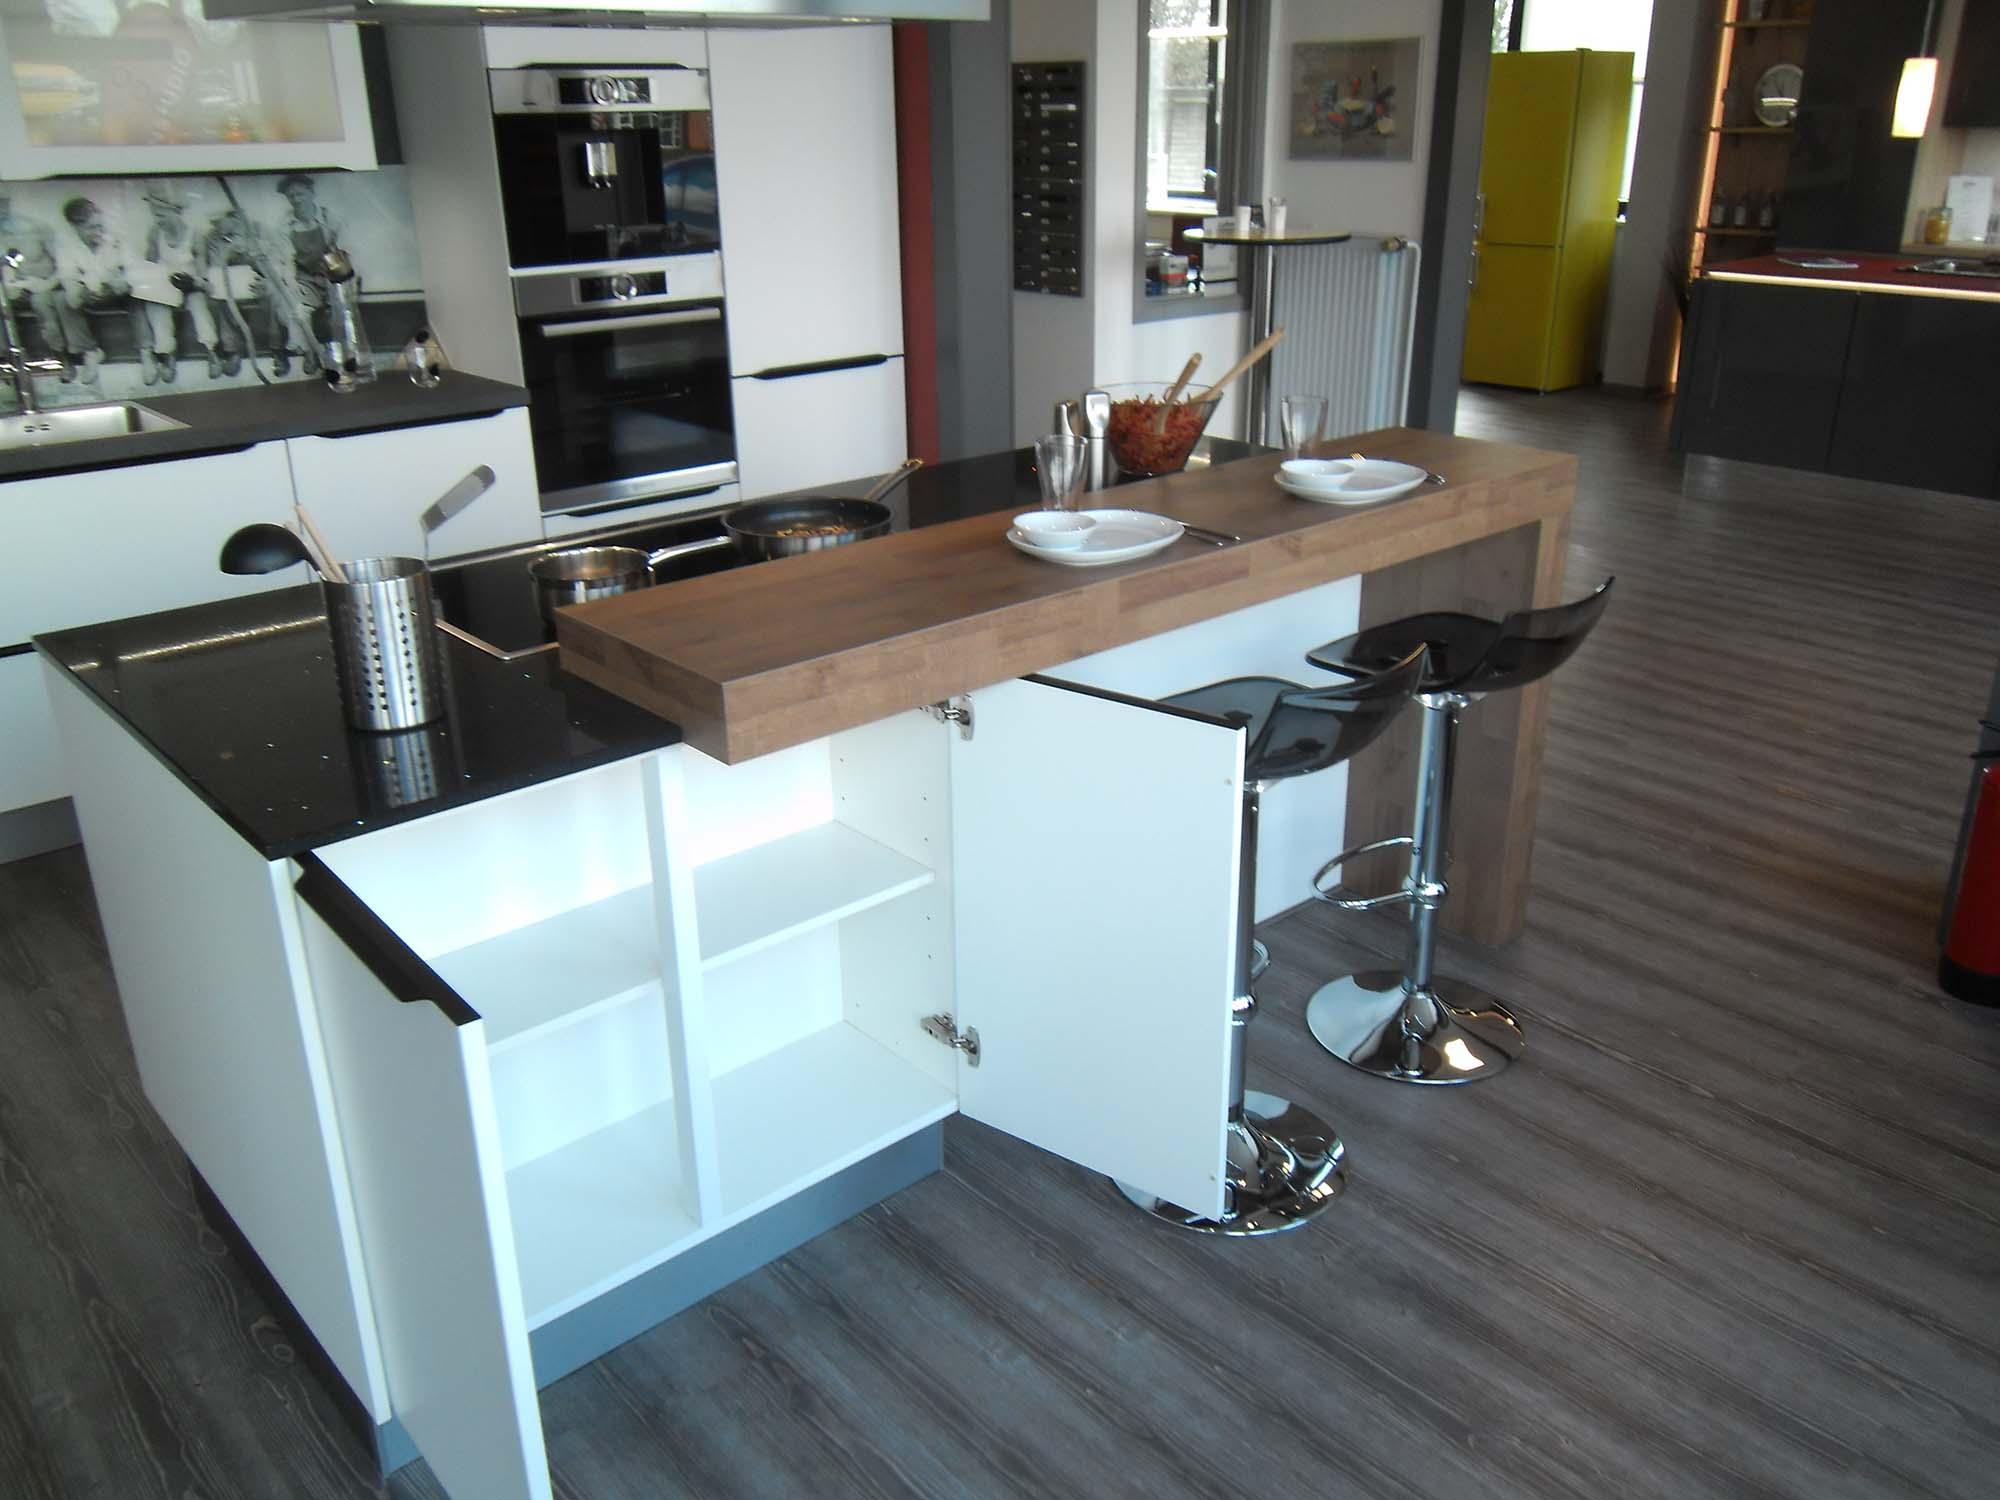 Insel mit rückseitigem Schrank und angesetzter Theke 2/2 - Küche ...